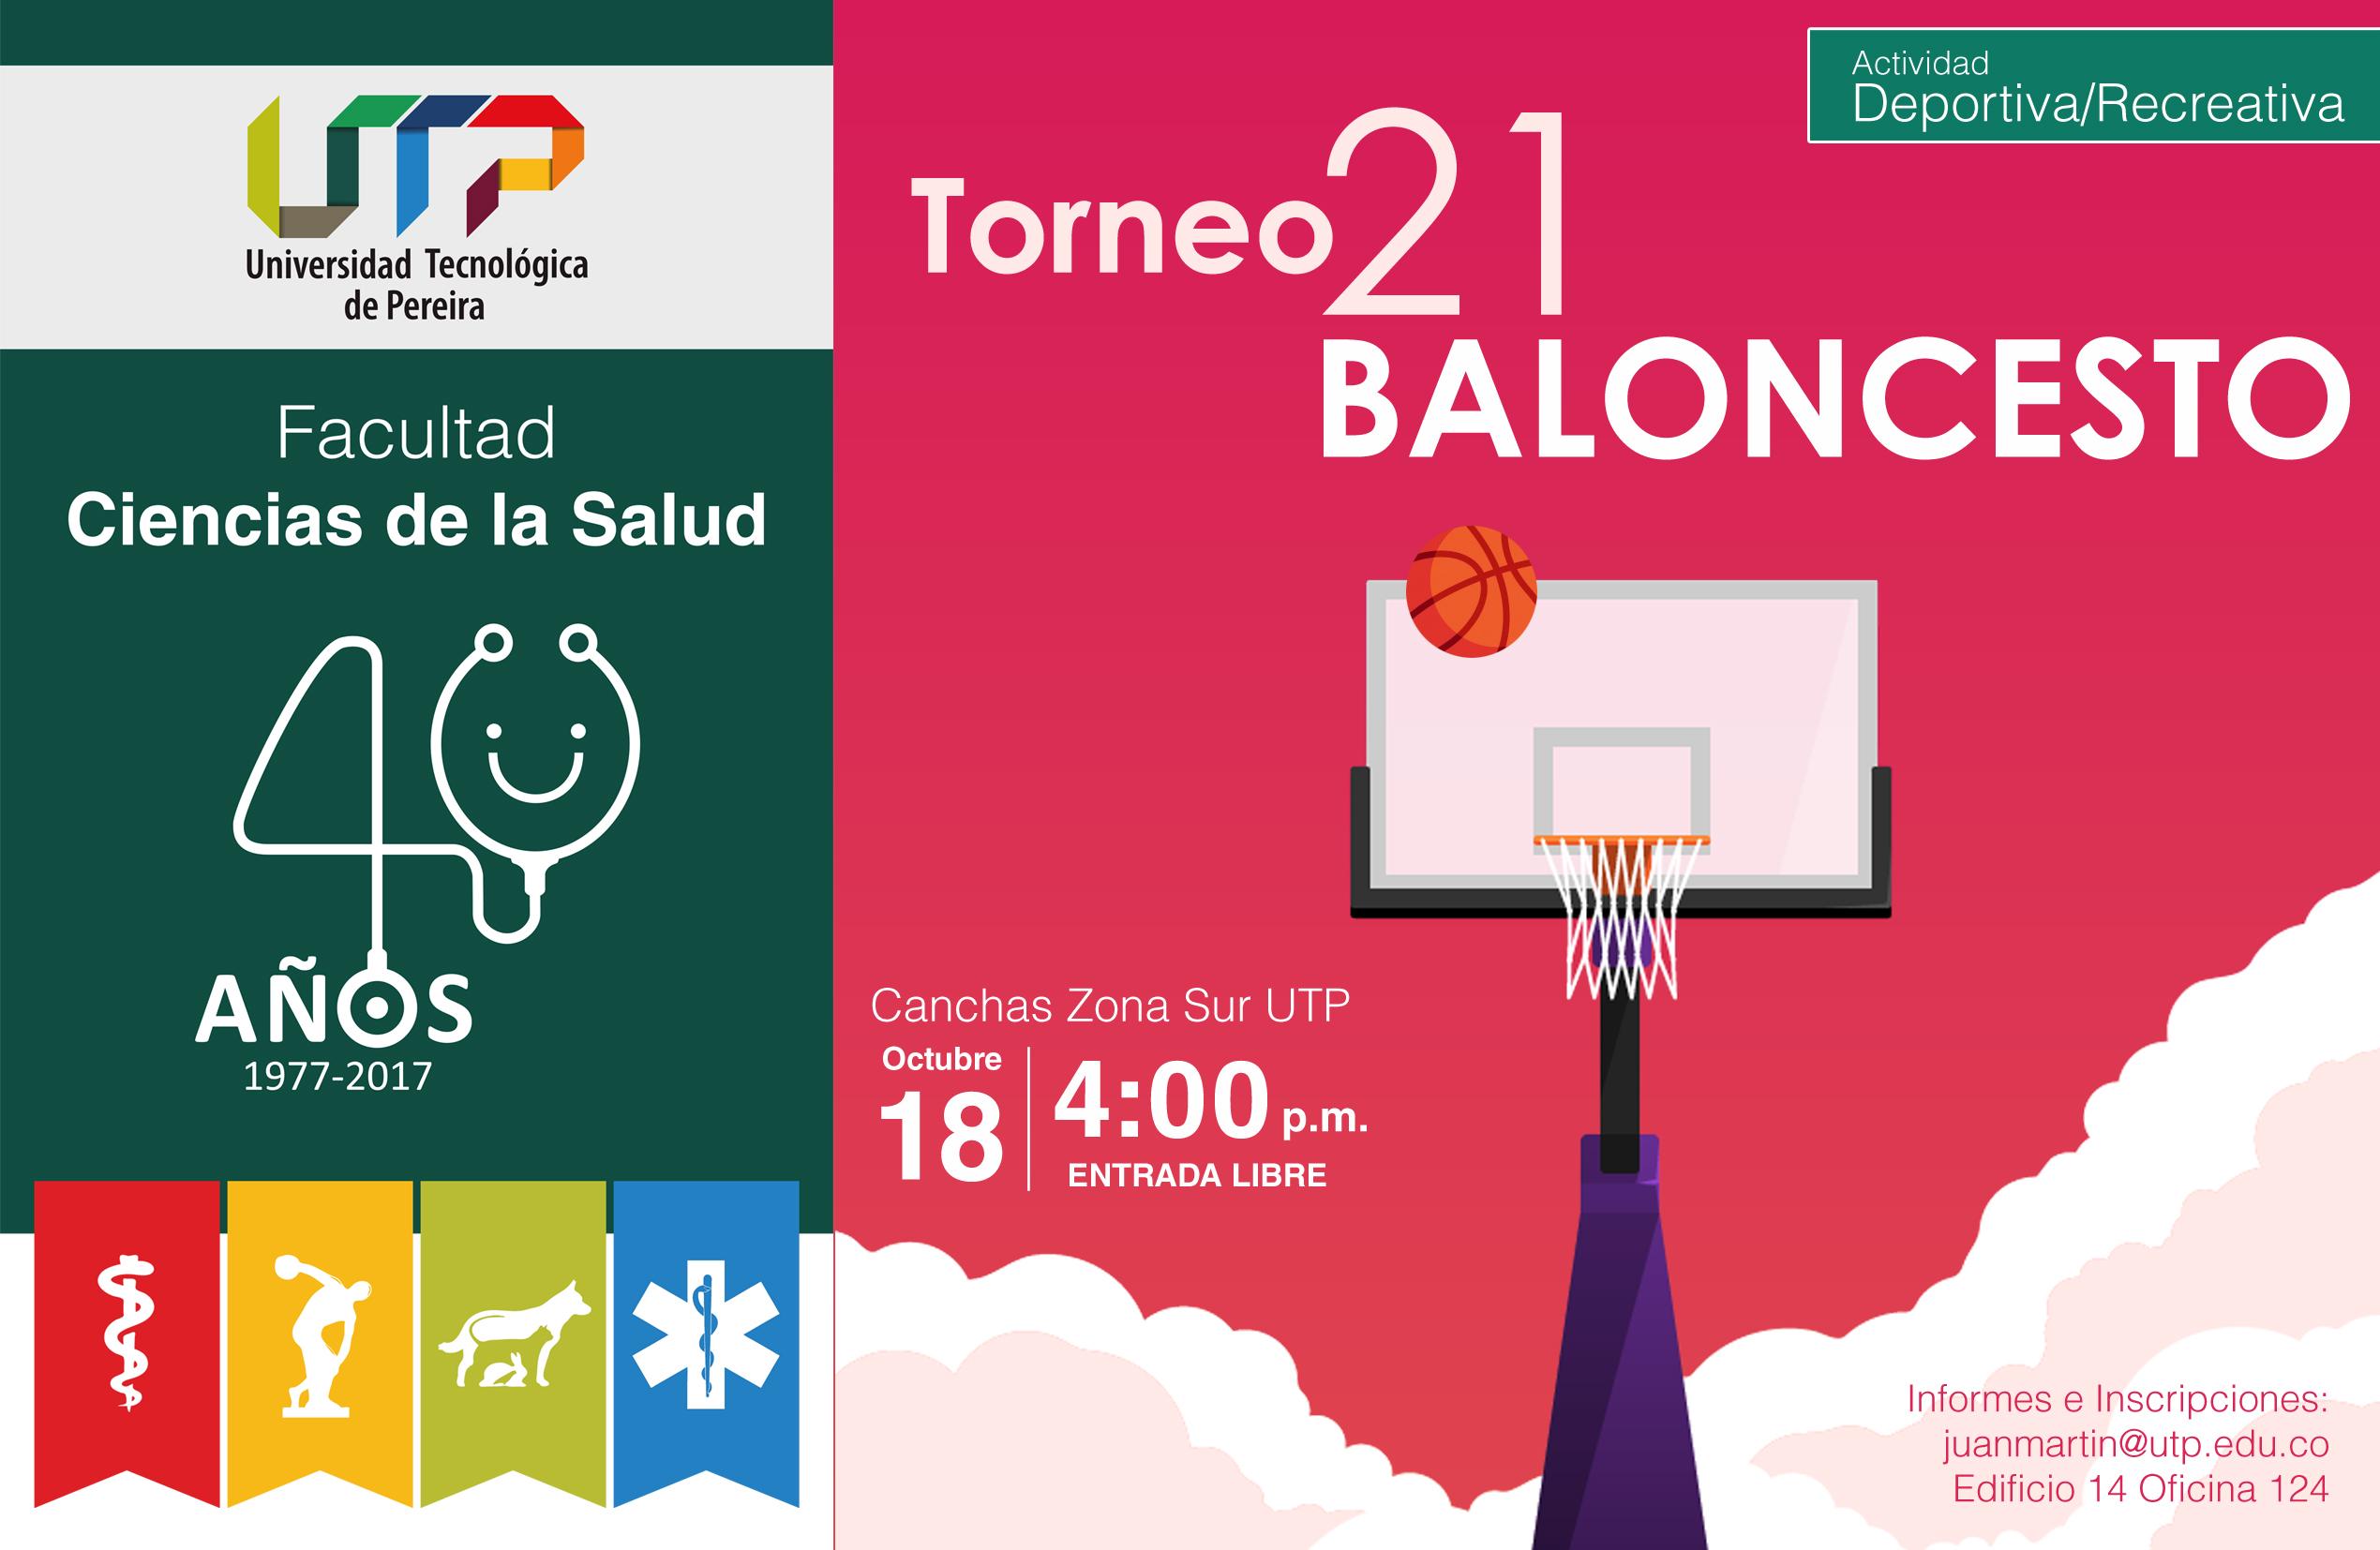 Torneo 21 baloncesto en el marco de los 40 años de la Facultad Ciencias de la Salud